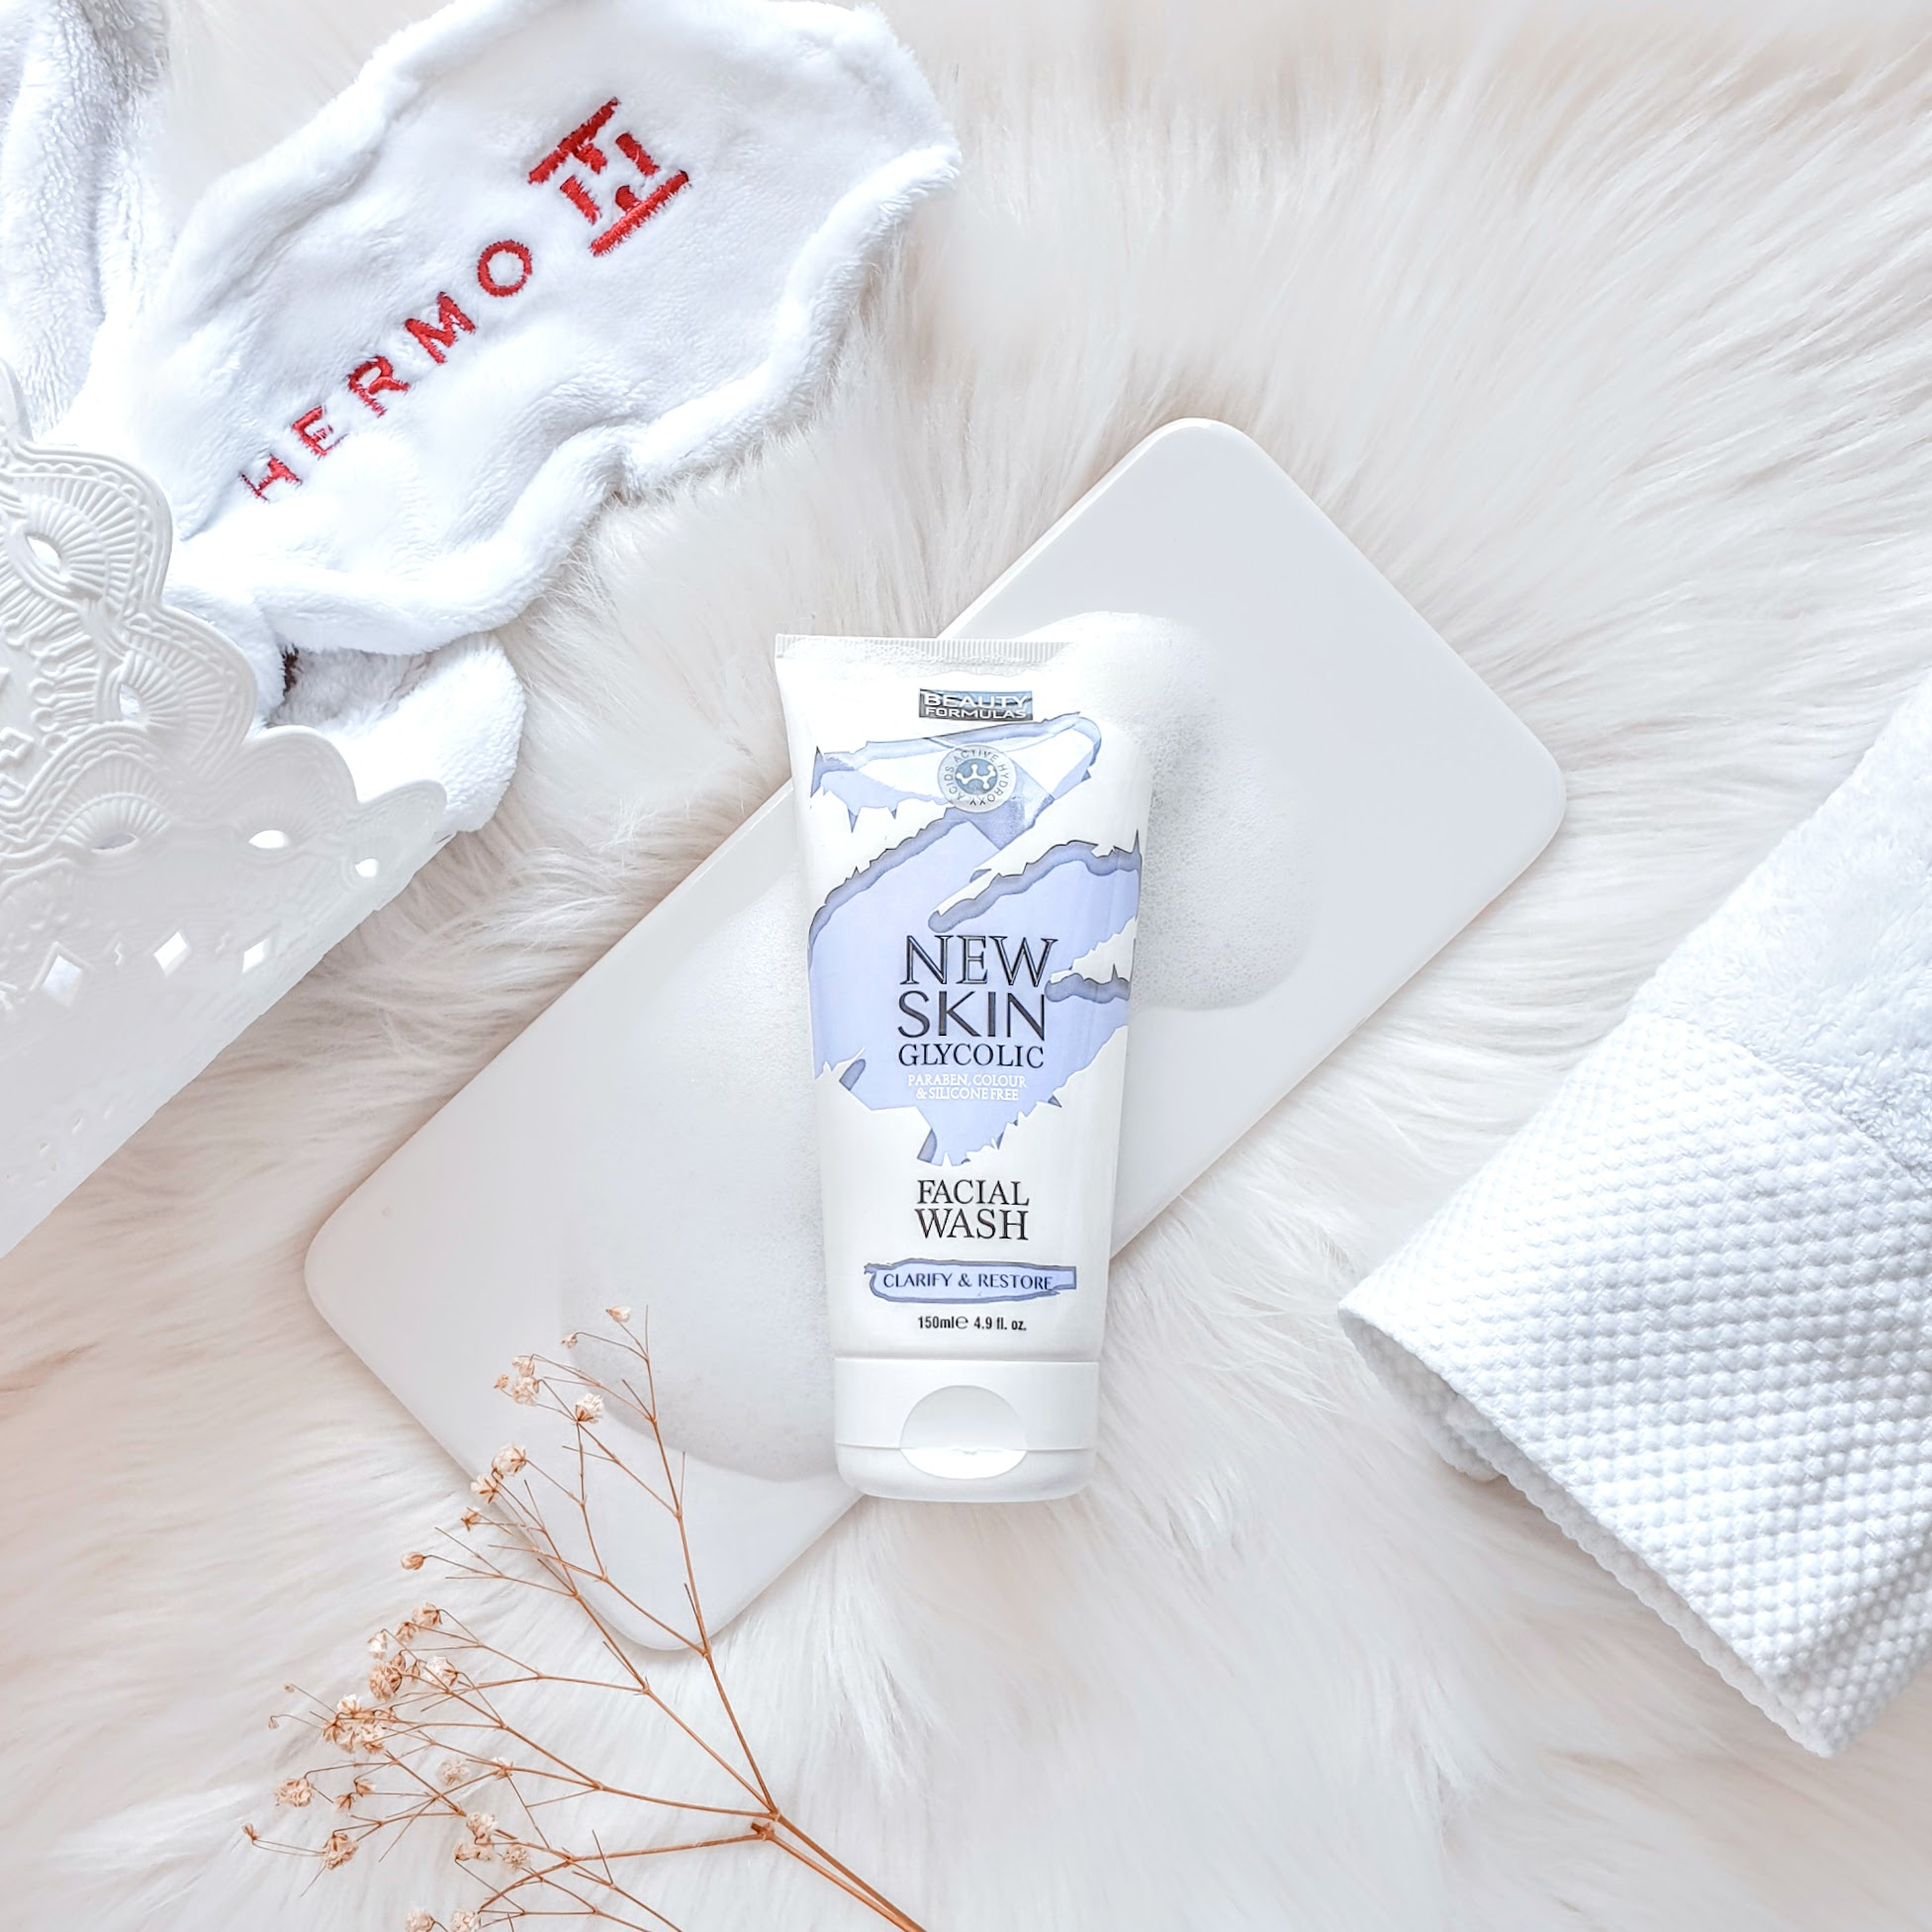 REVIEW   Beauty Formulas New Skin Glycolic Facial Wash